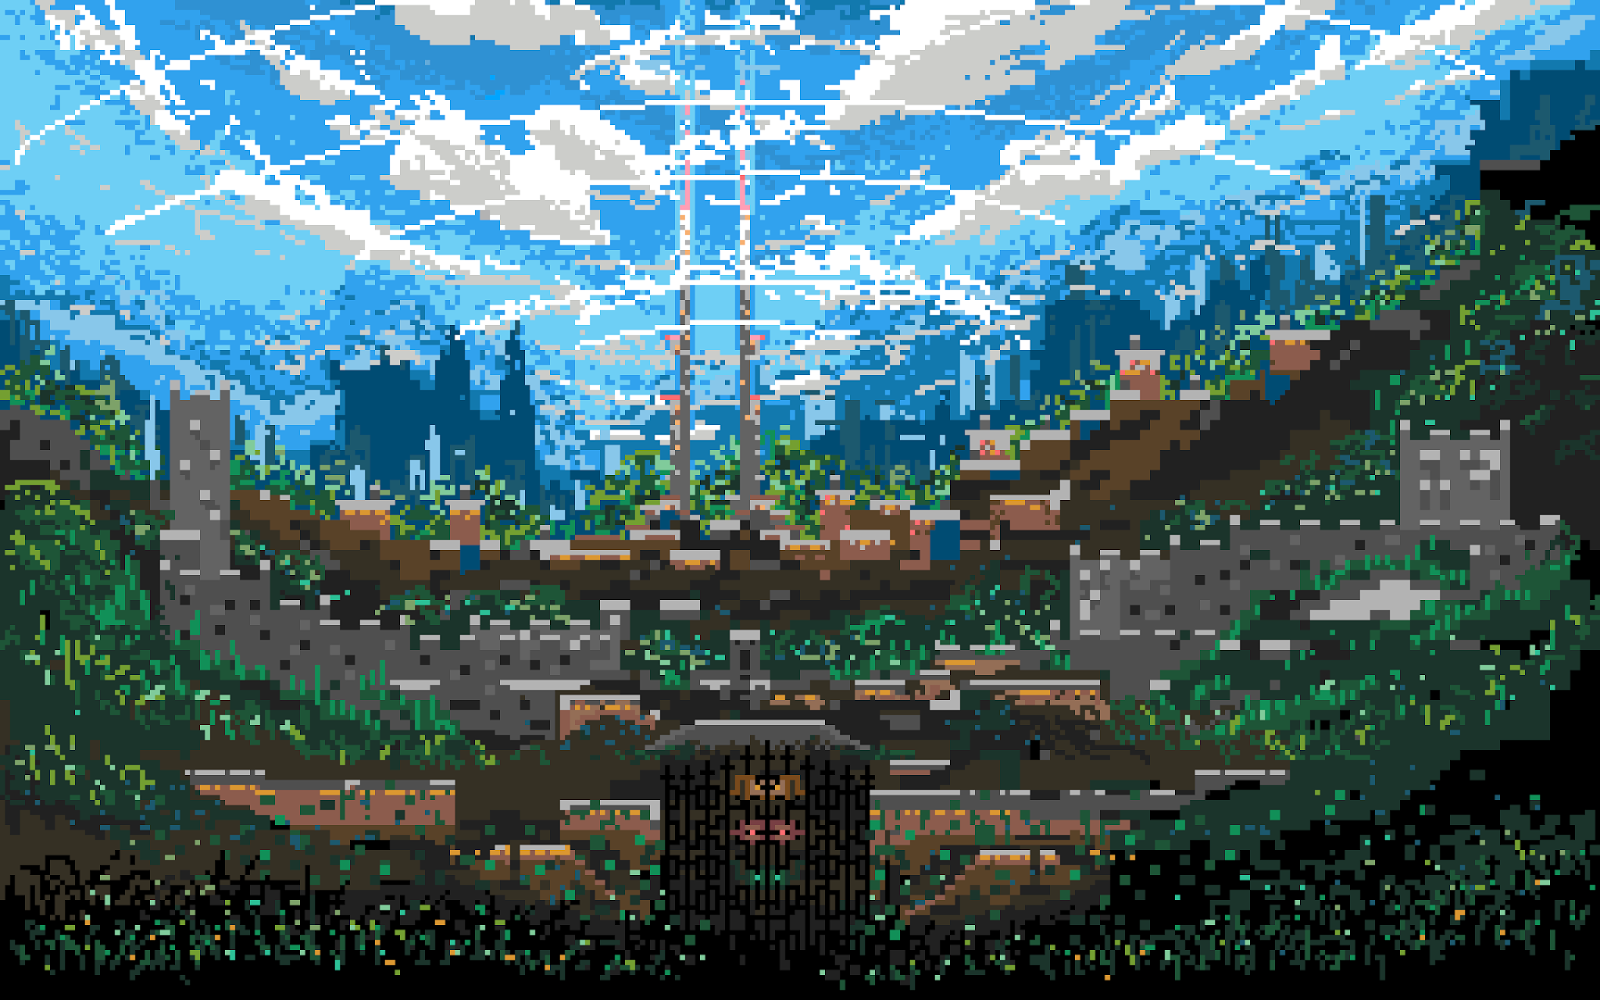 pixel art 2014